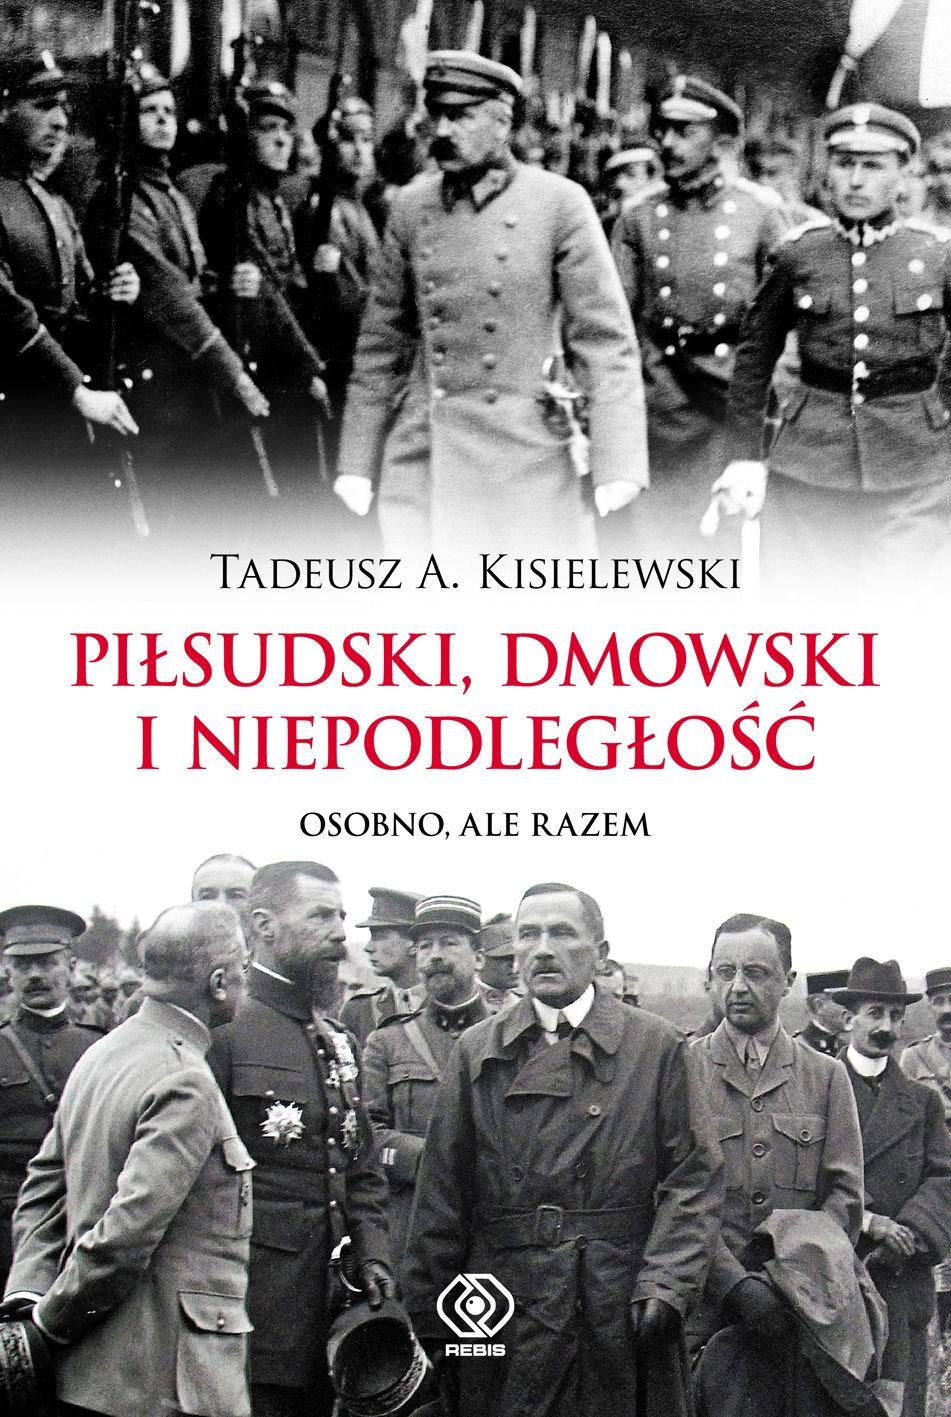 Kup książkę Tadeusza A. Kisielewskiego z rabatem na empik.com